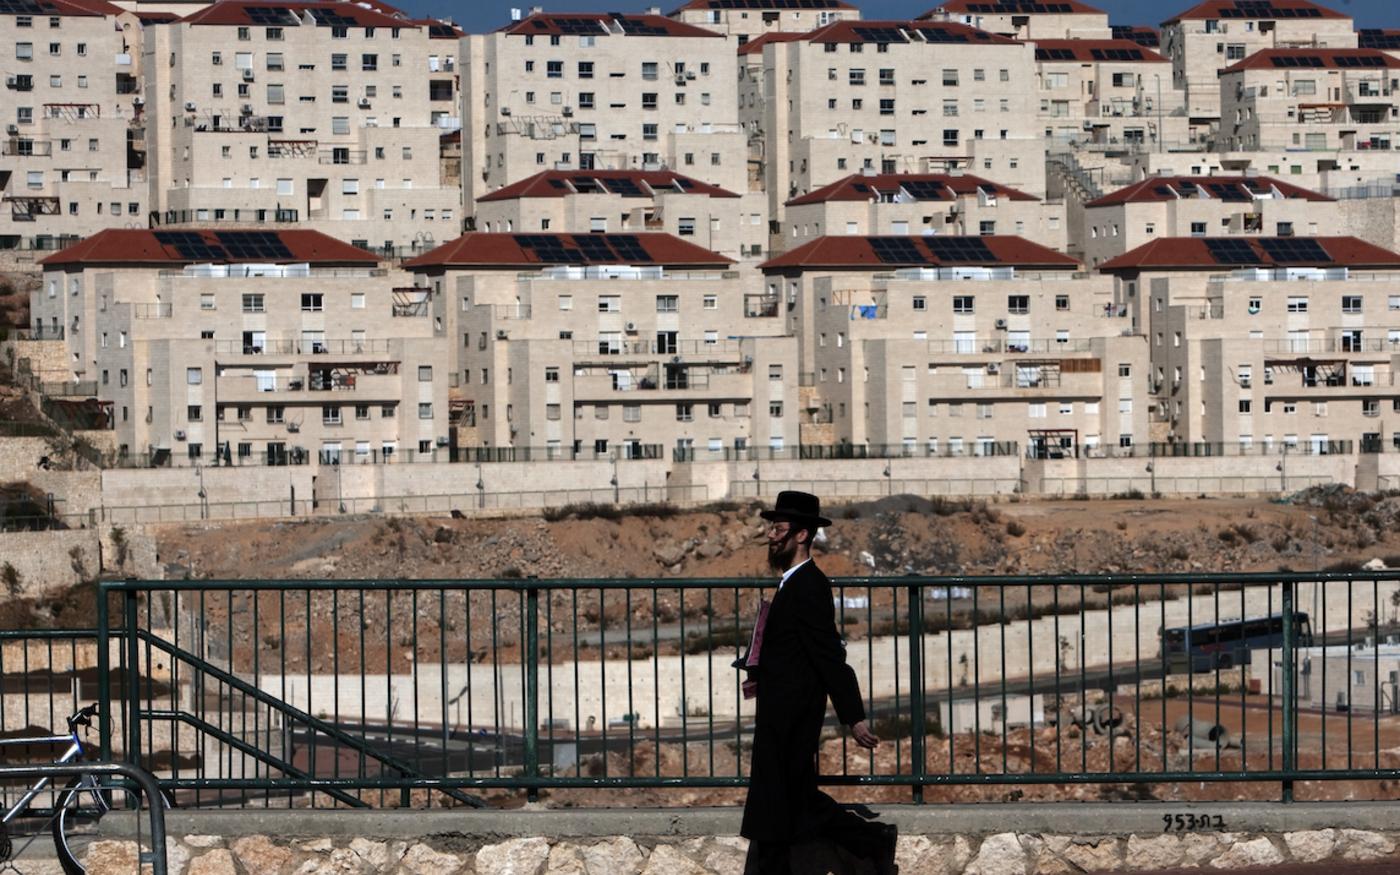 Un juif ultra-orthodoxe marche dans la colonie de Beitar Elit, en Cisjordanie, le 1er décembre 2009 (AFP)